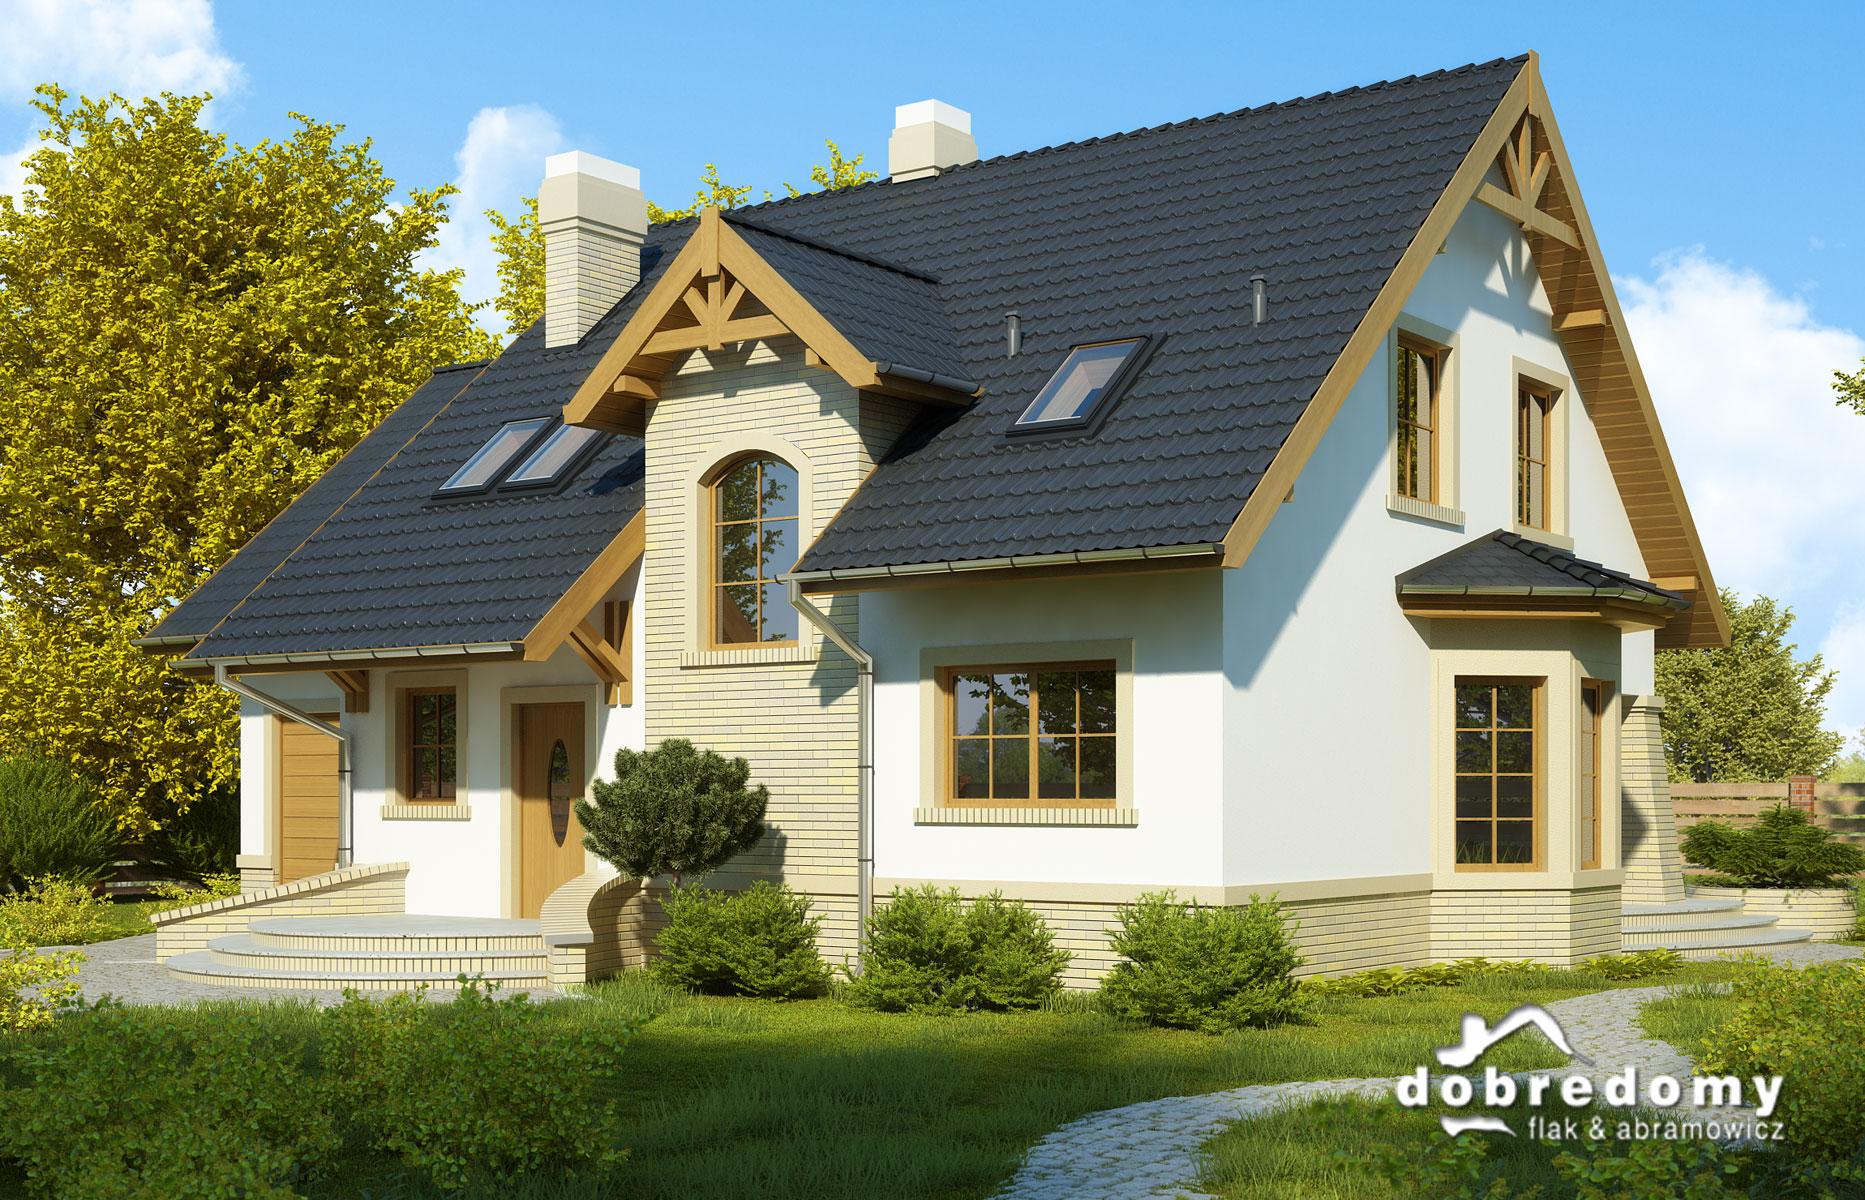 Bliźniak na działce przystosowanej do budowy domku jednorodzinnego – czy to możliwe?